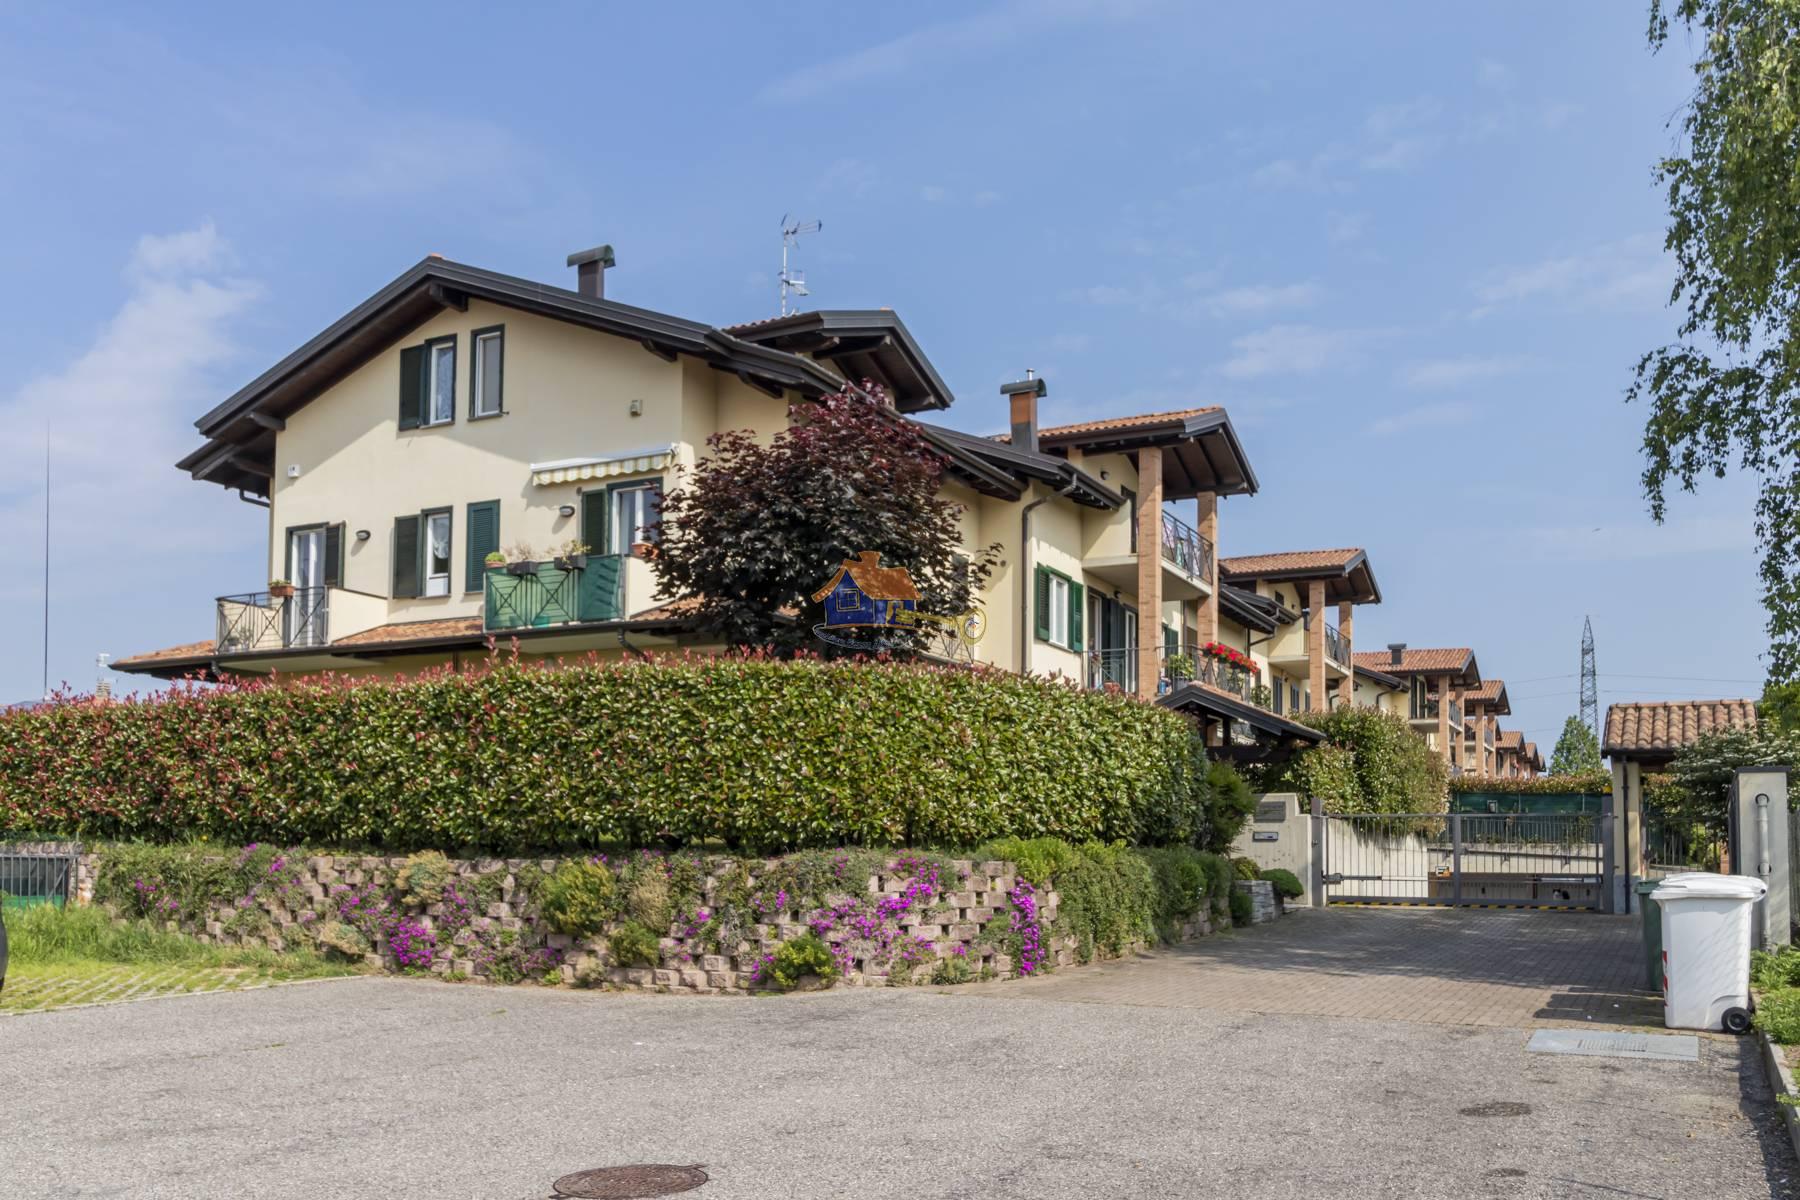 Appartamento in vendita a Castronno, 3 locali, prezzo € 180.000 | PortaleAgenzieImmobiliari.it